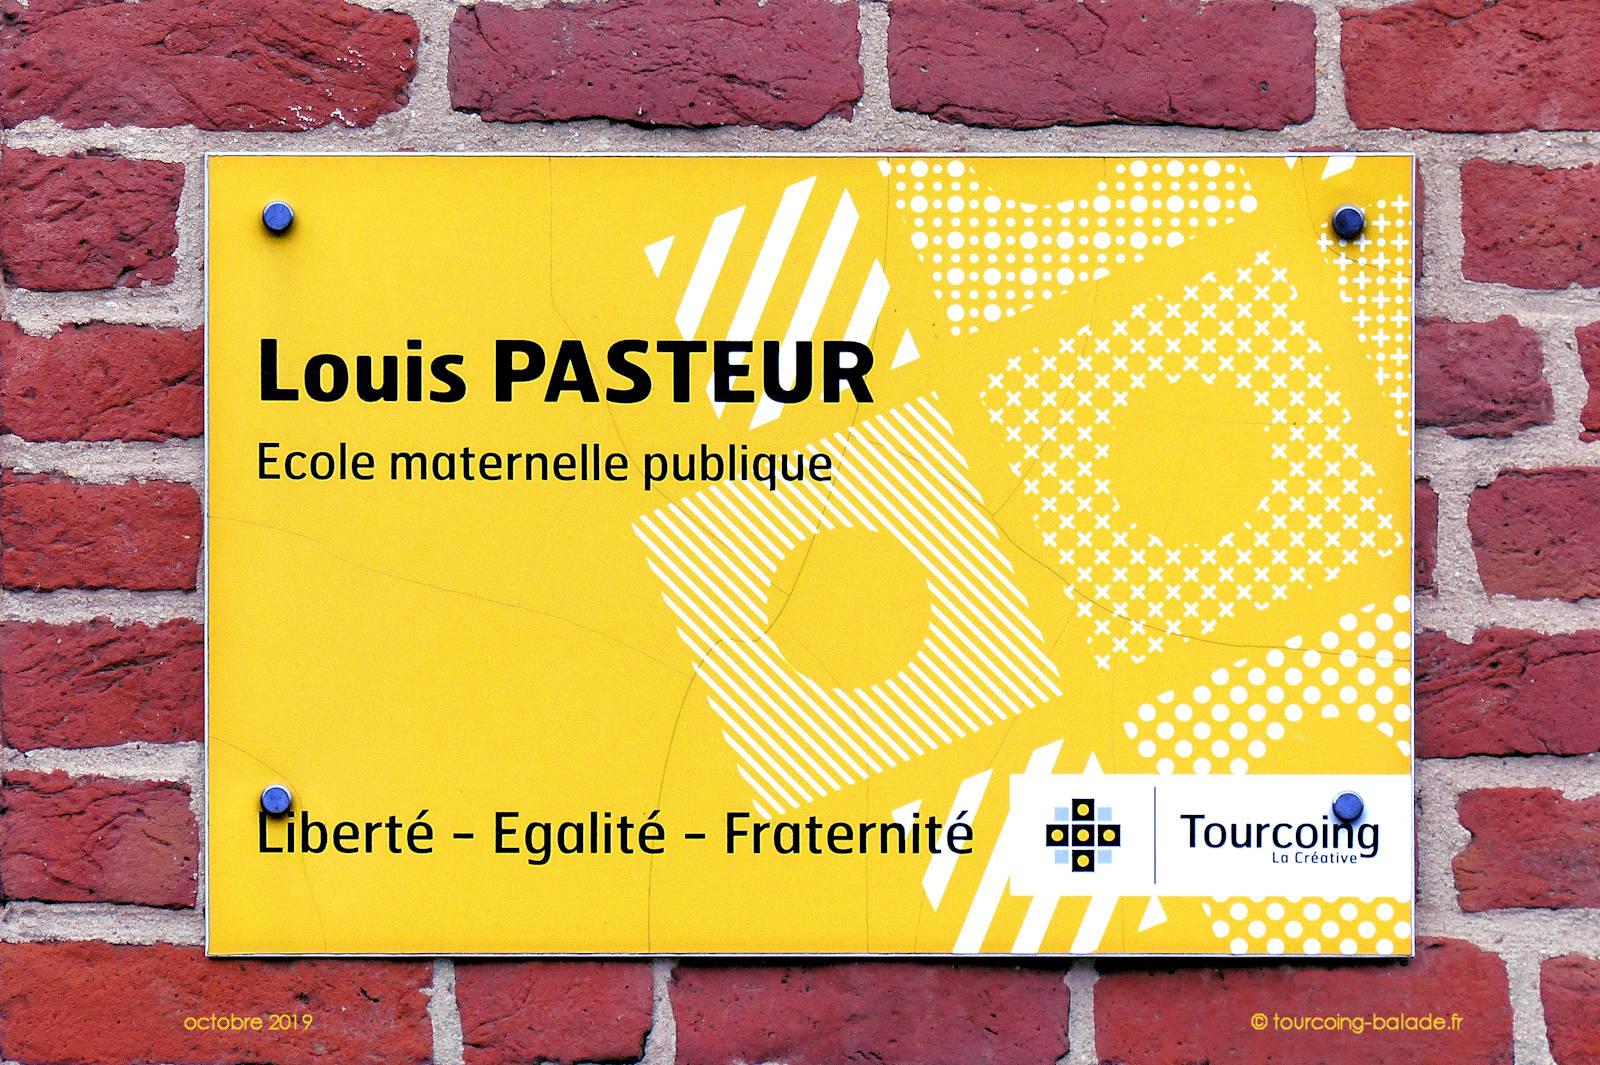 École maternelle publique Pasteur, Tourcoing.